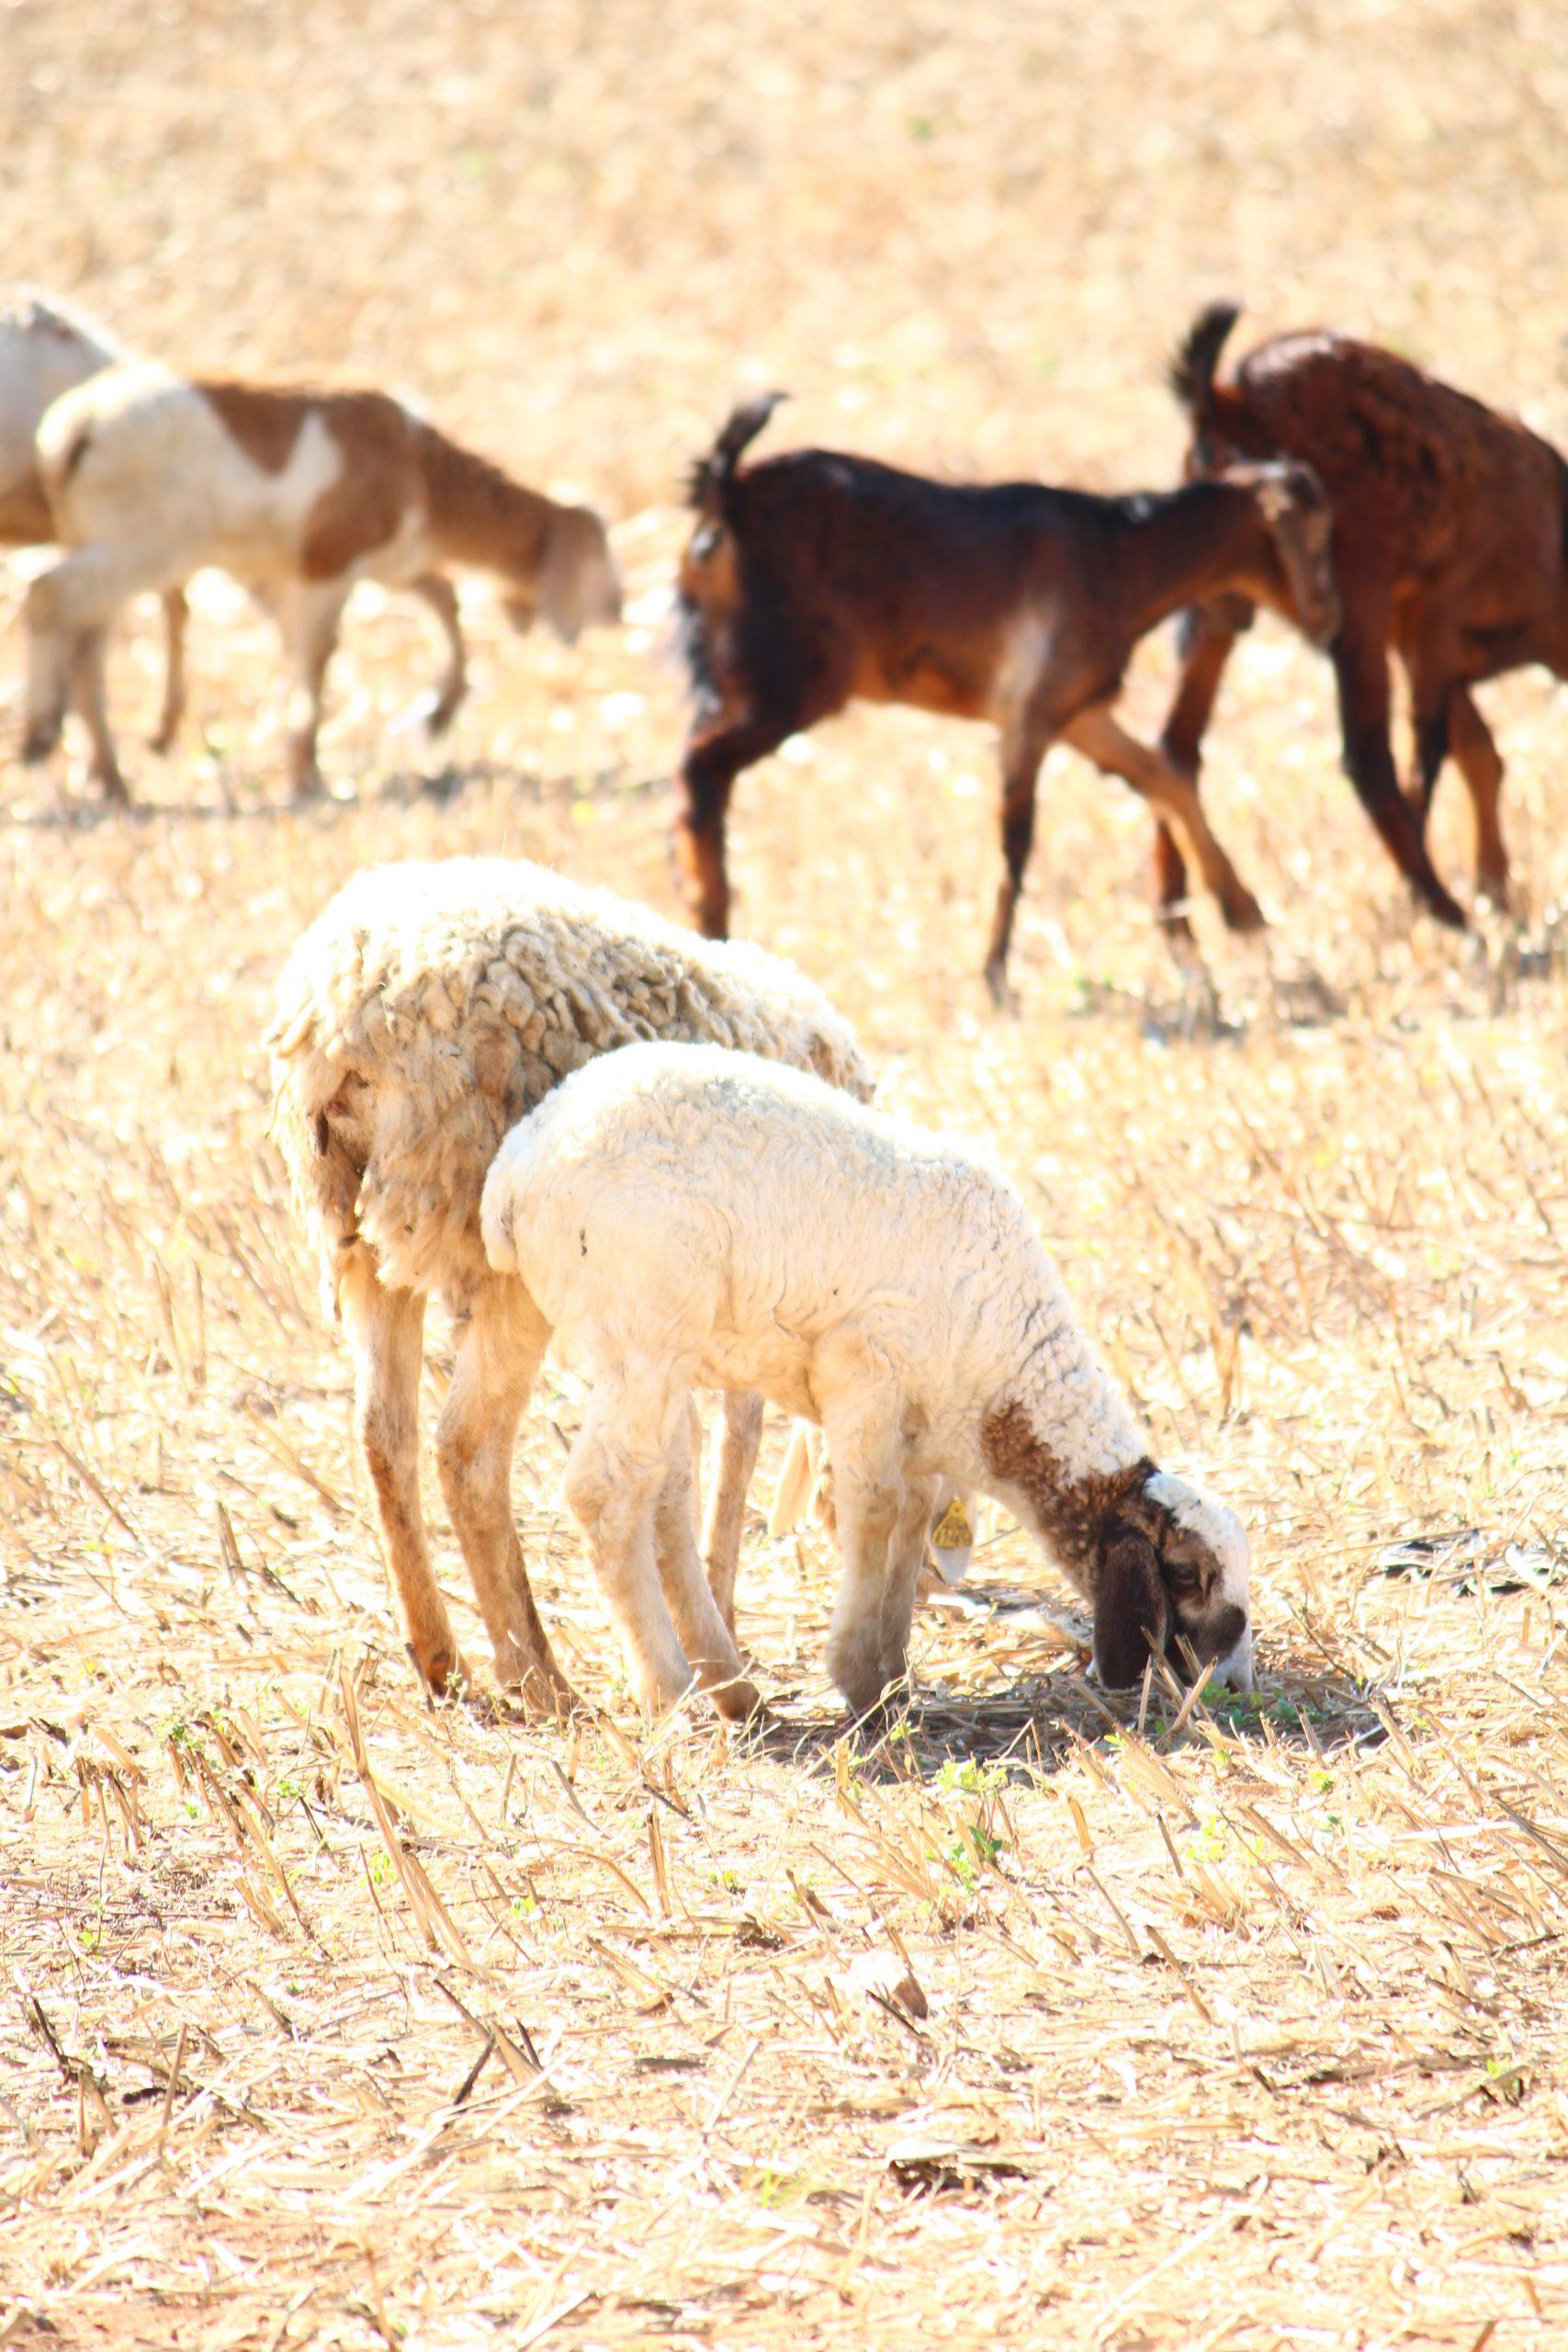 Shepherd grazing in a field